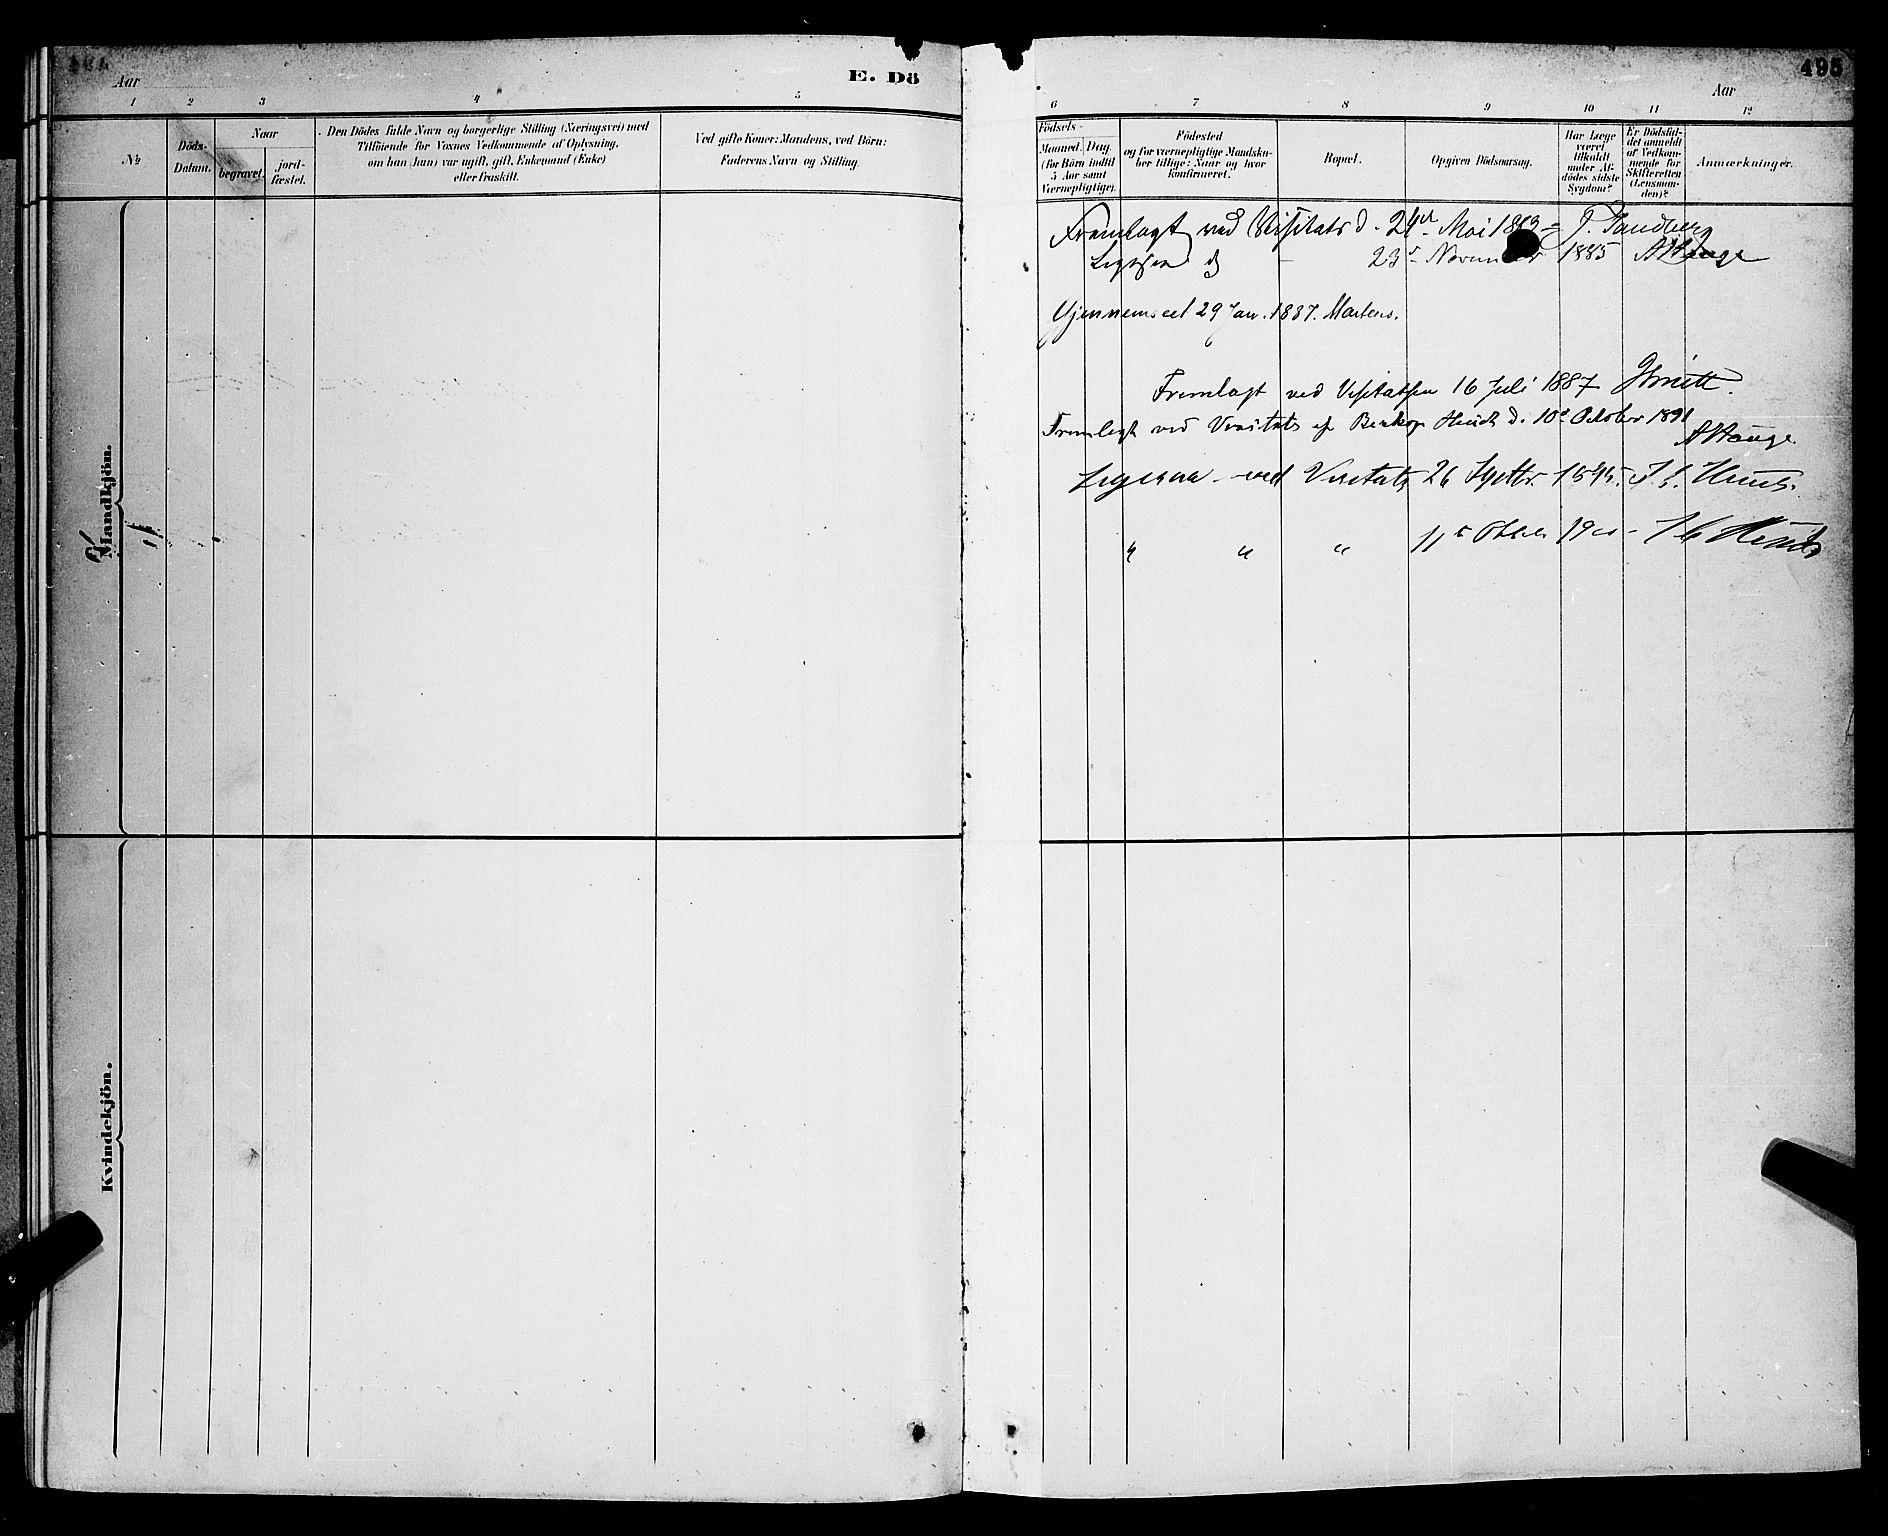 SAKO, Gjerpen kirkebøker, G/Ga/L0002: Klokkerbok nr. I 2, 1883-1900, s. 495